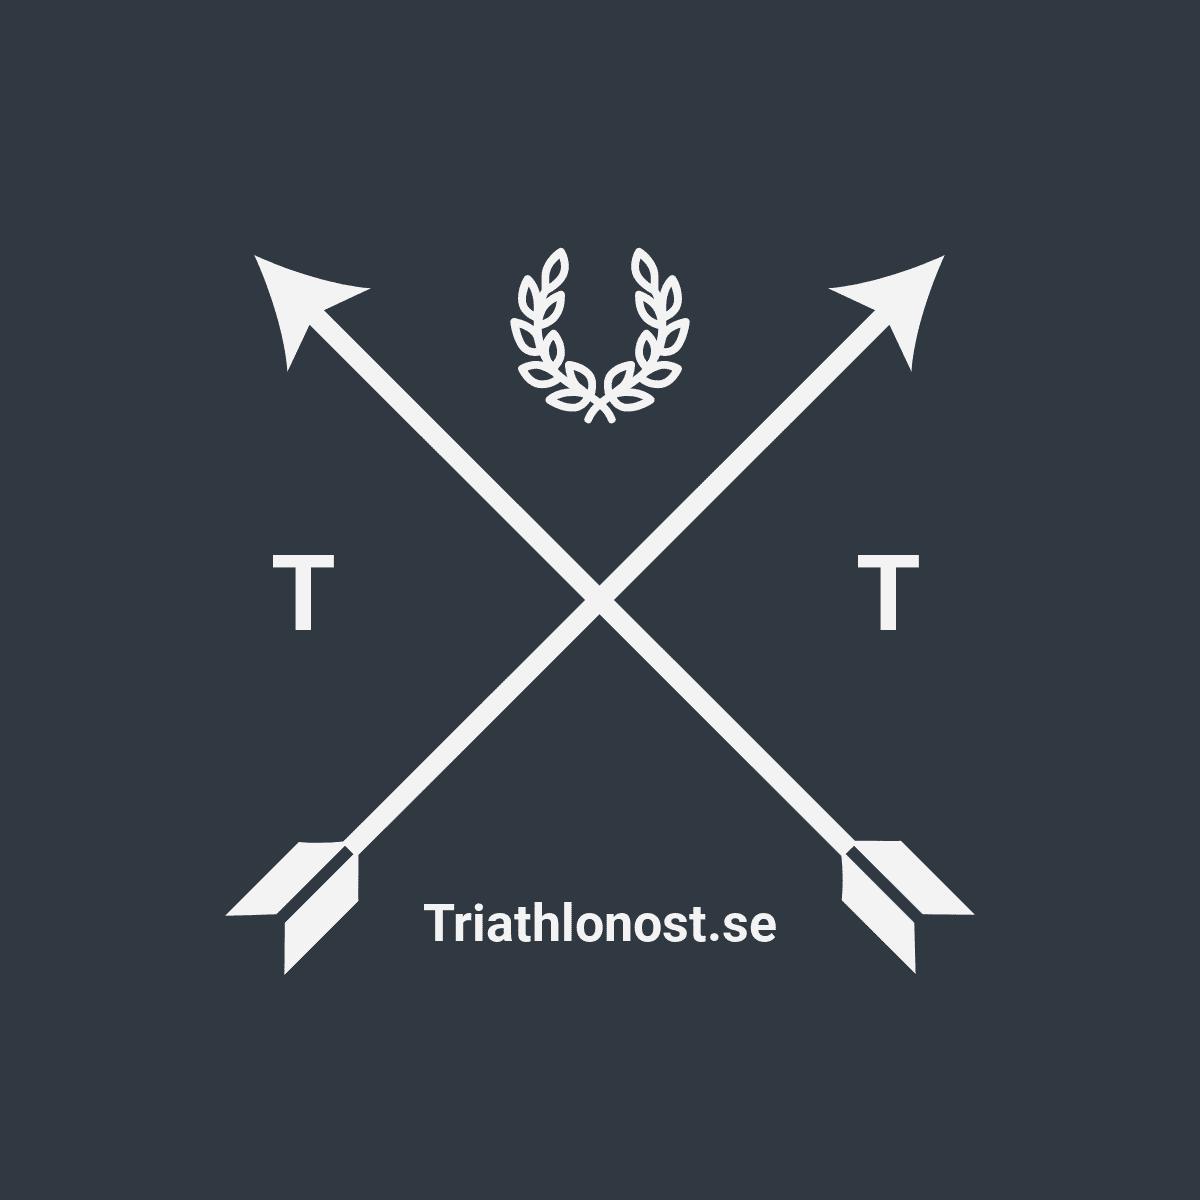 Triathlonost.nu